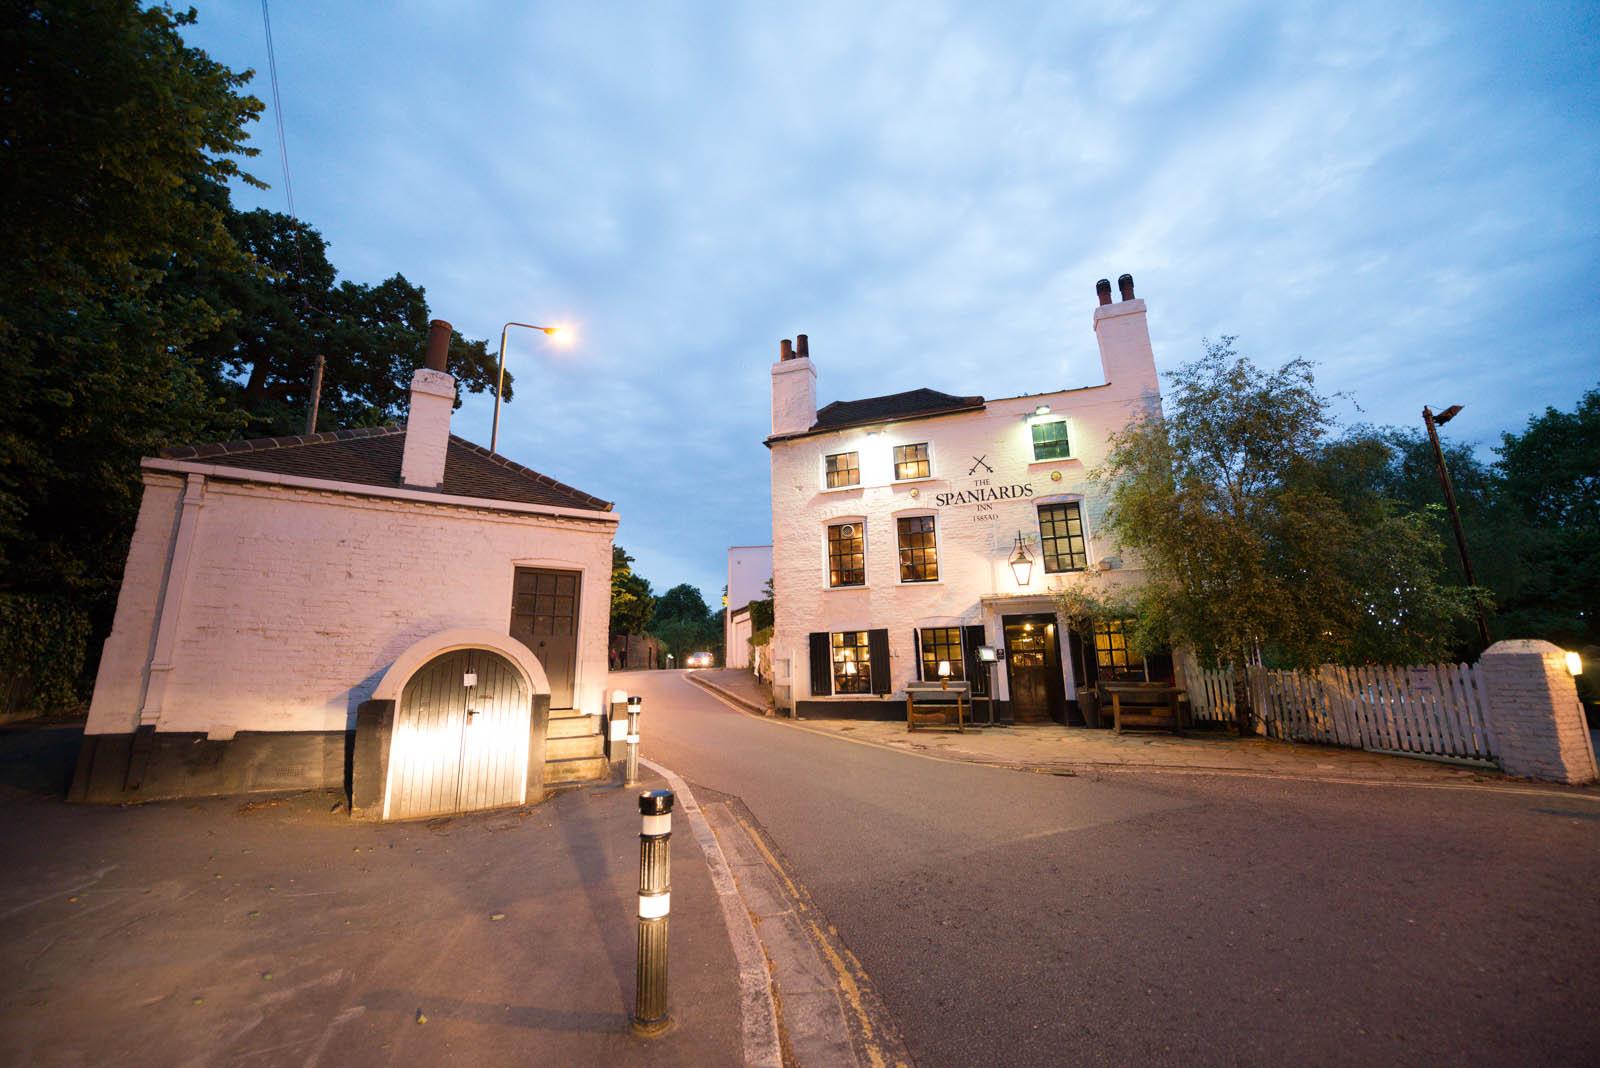 London - Spaniards Inn - original